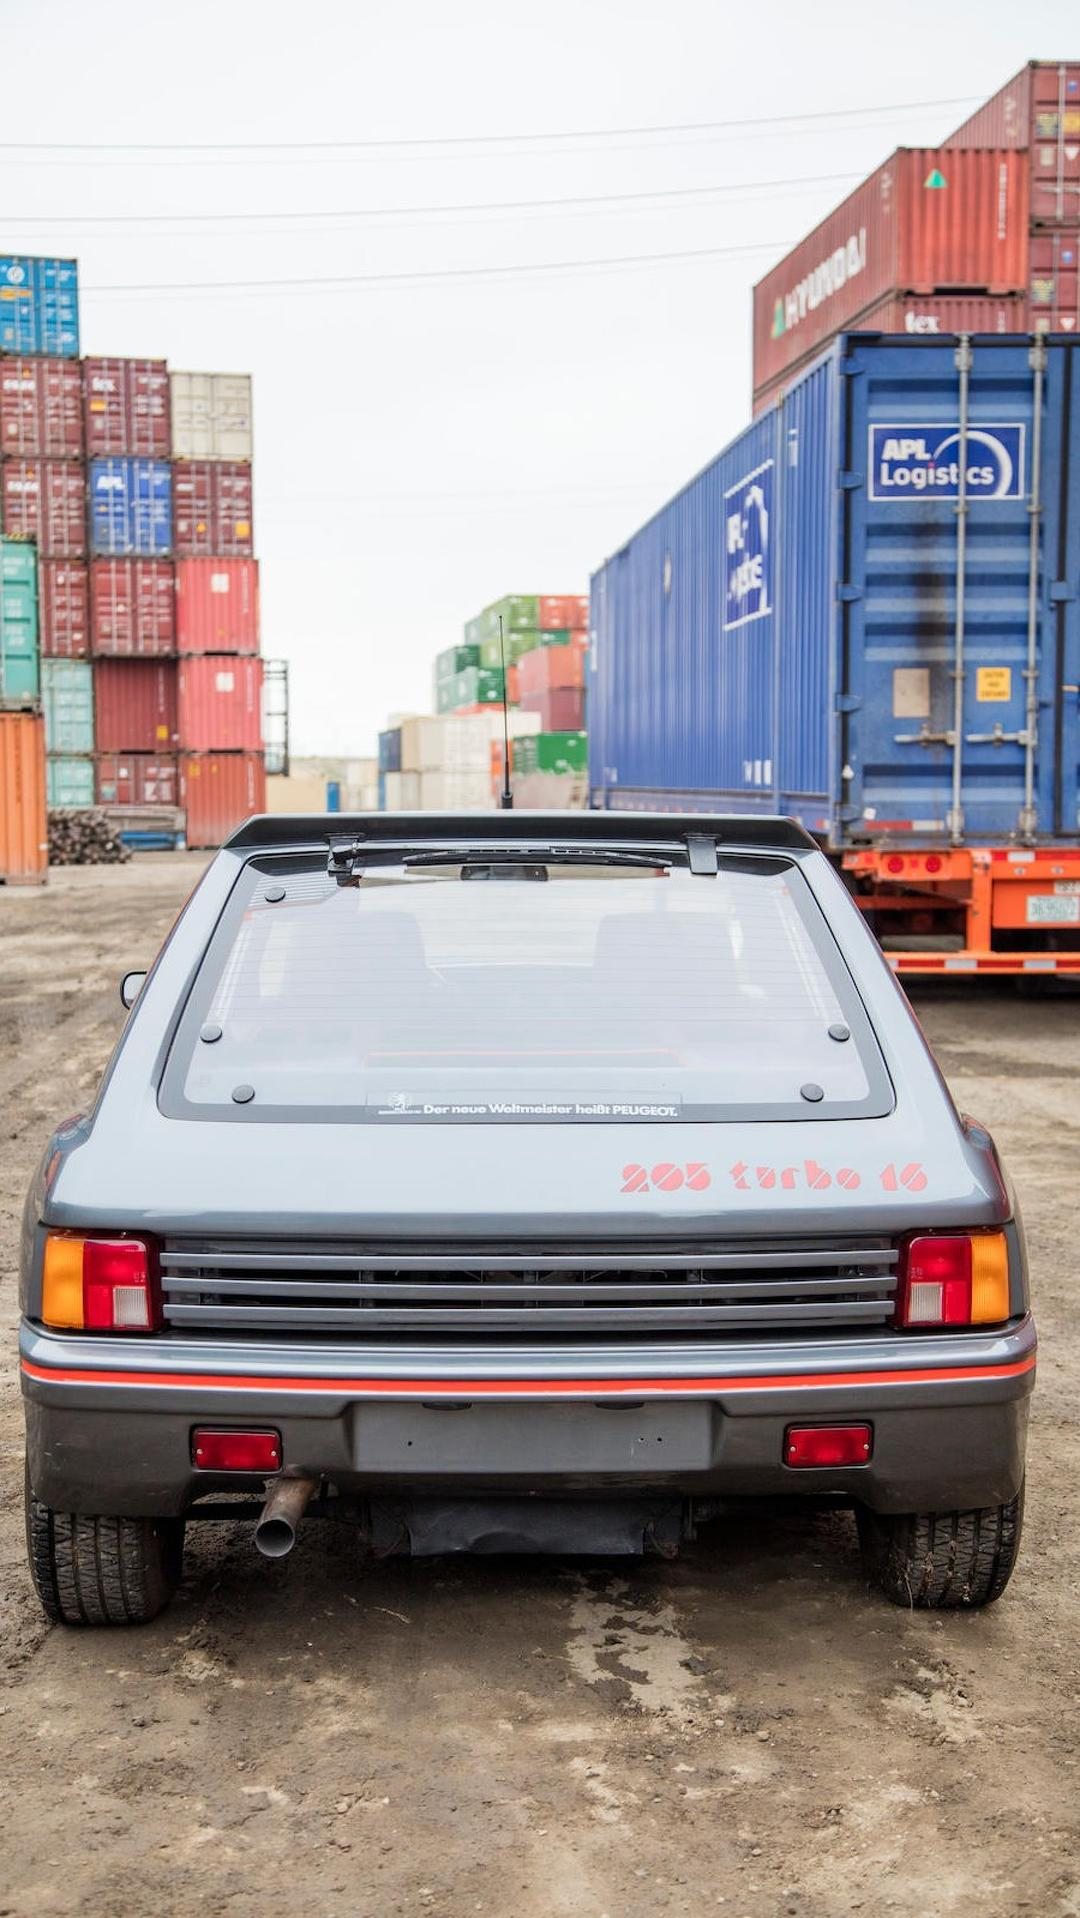 1985_Peugeot_205_Turbo_16_16